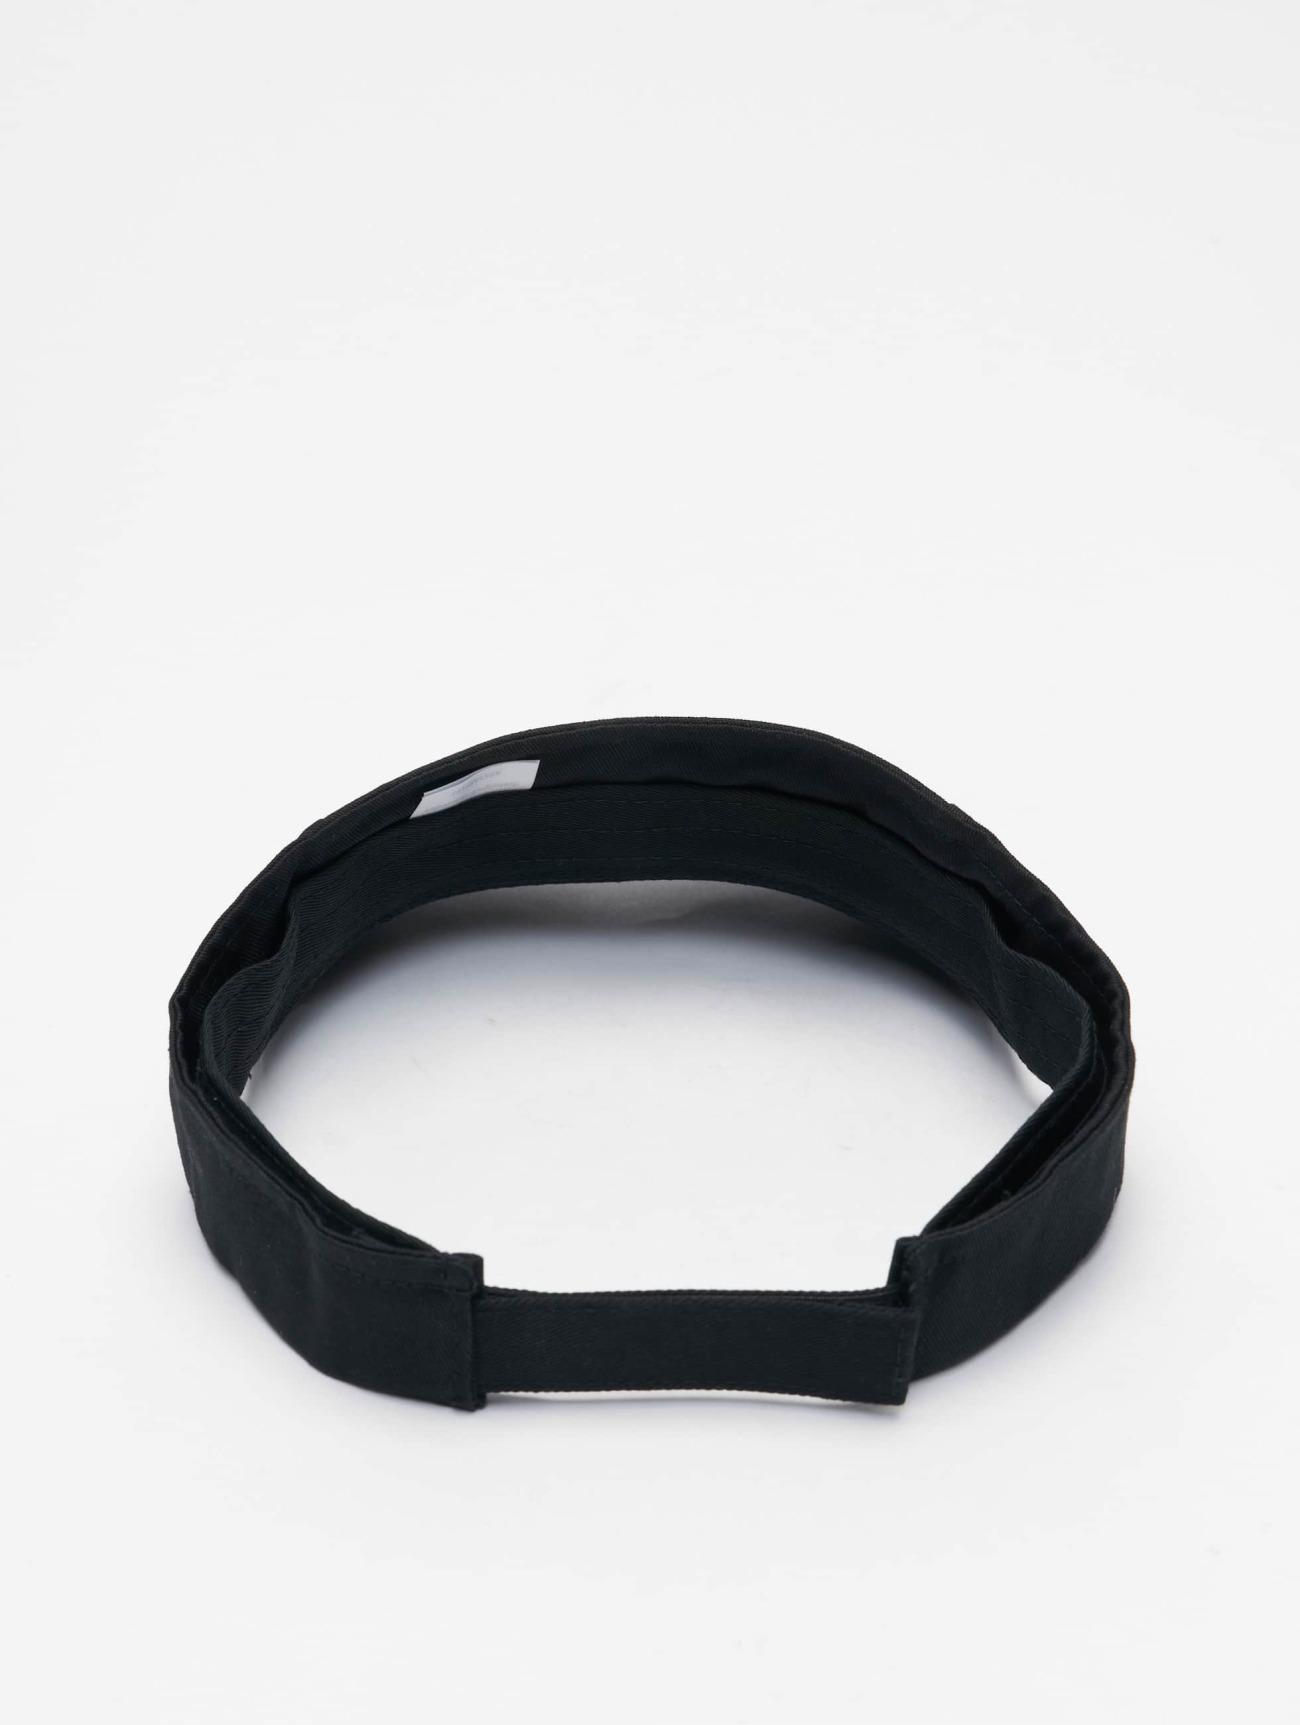 Flexfit  Curved Visor  noir  Casquette Snapback & Strapback  496236 Homme Casquettes